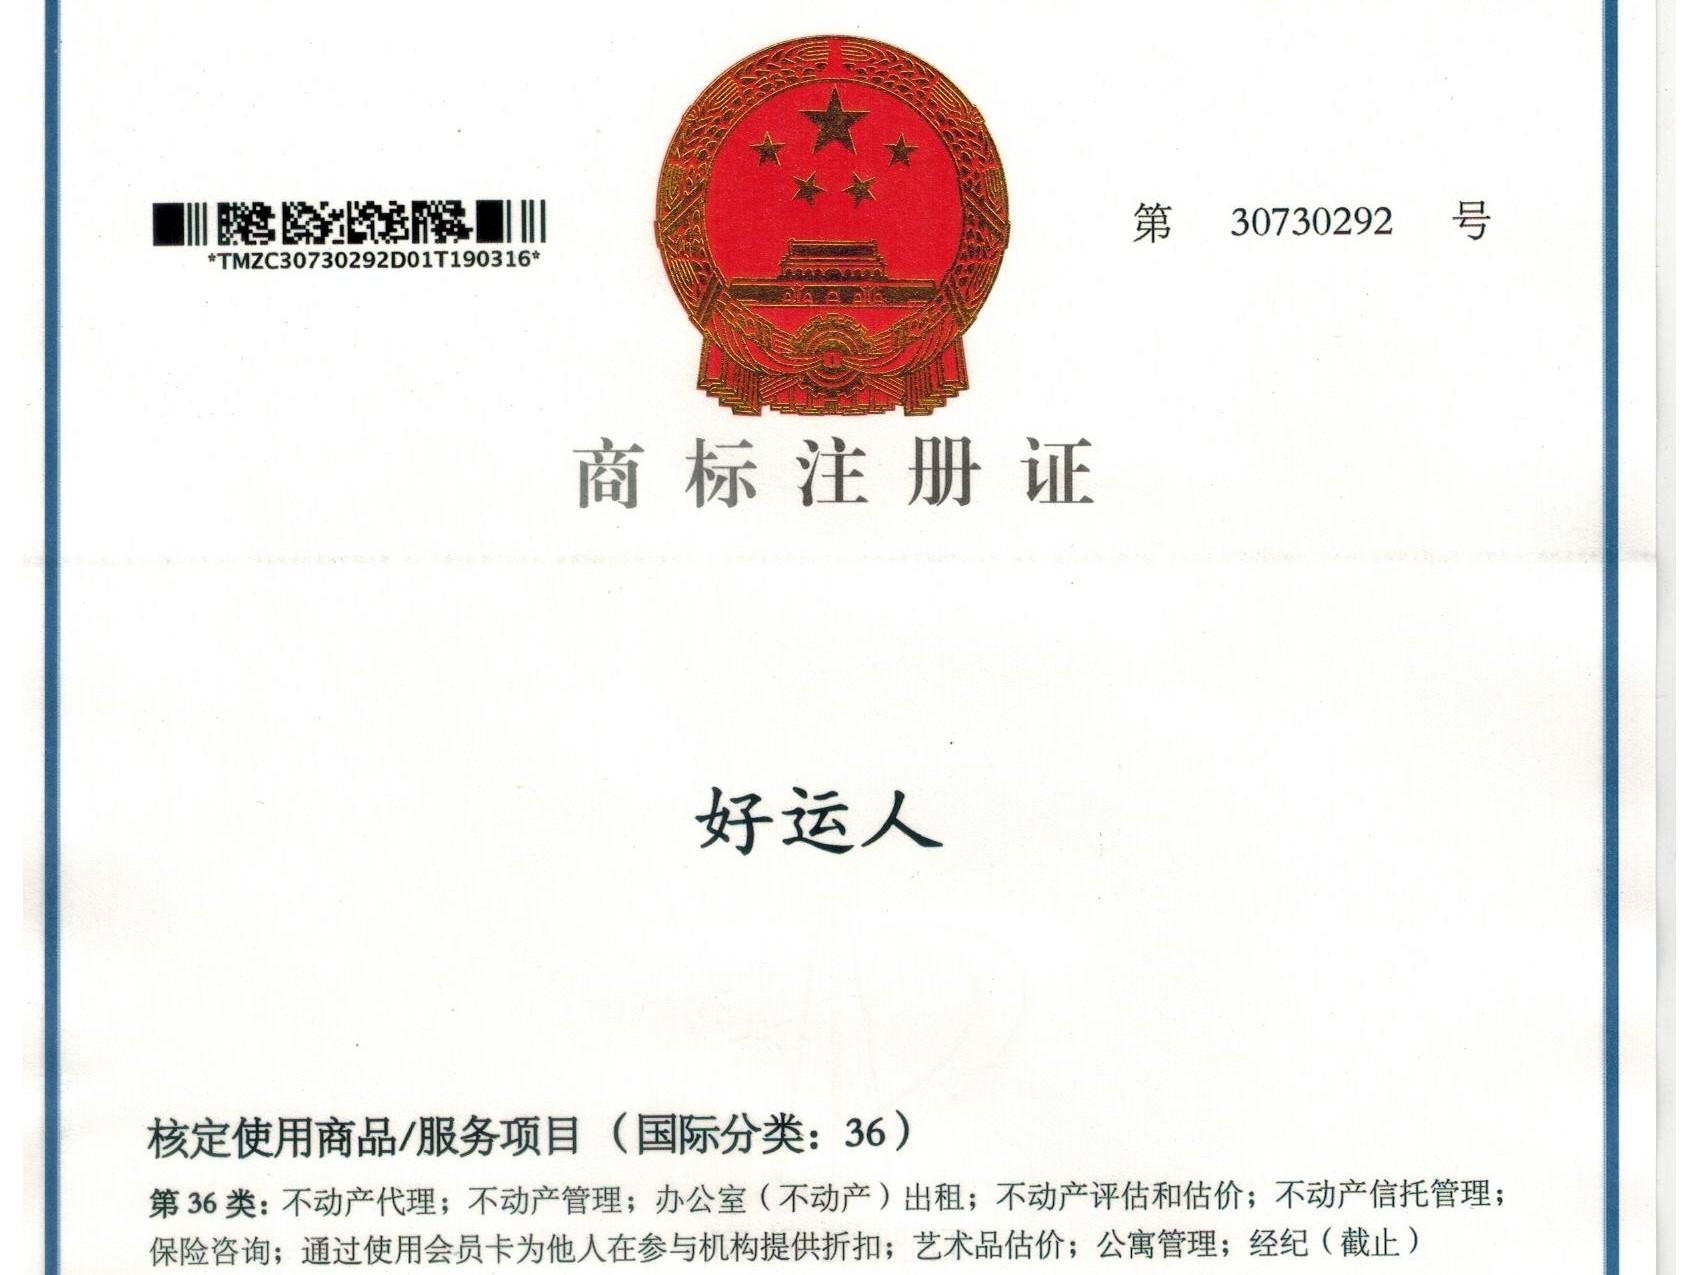 36类不动产管理商标注册证